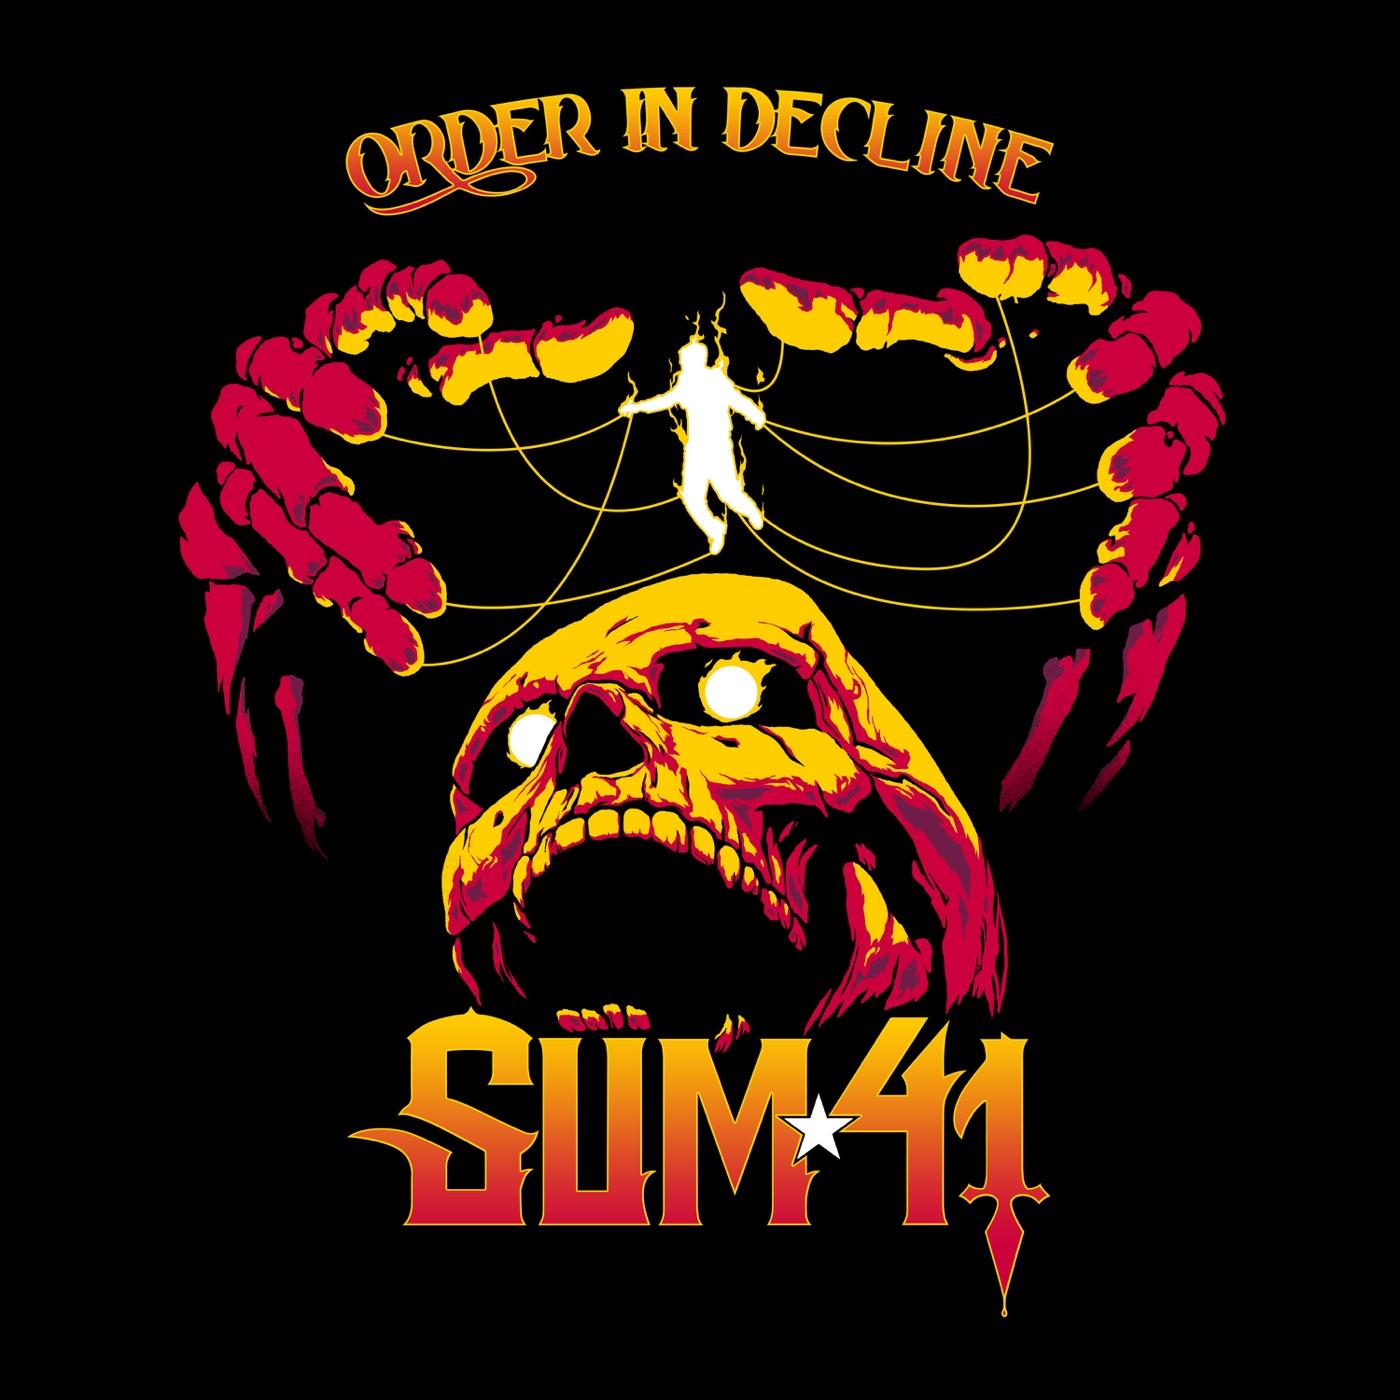 Sum 41 - Order in Decline [Deluxe] (2019)